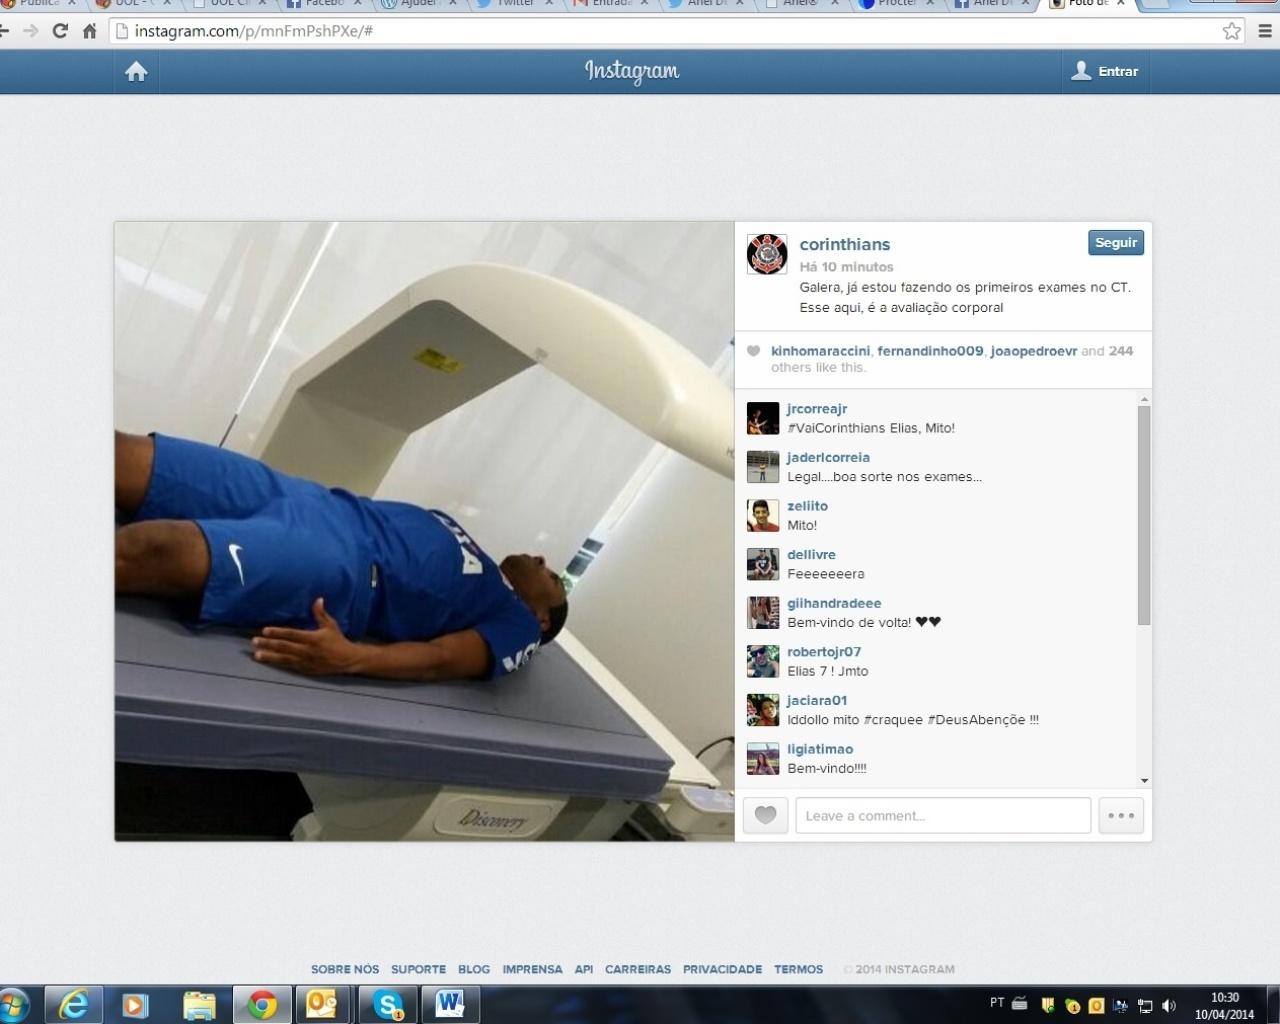 10.04.2014 - Elias passa por exames médicos antes de ser apresentado no Corinthians